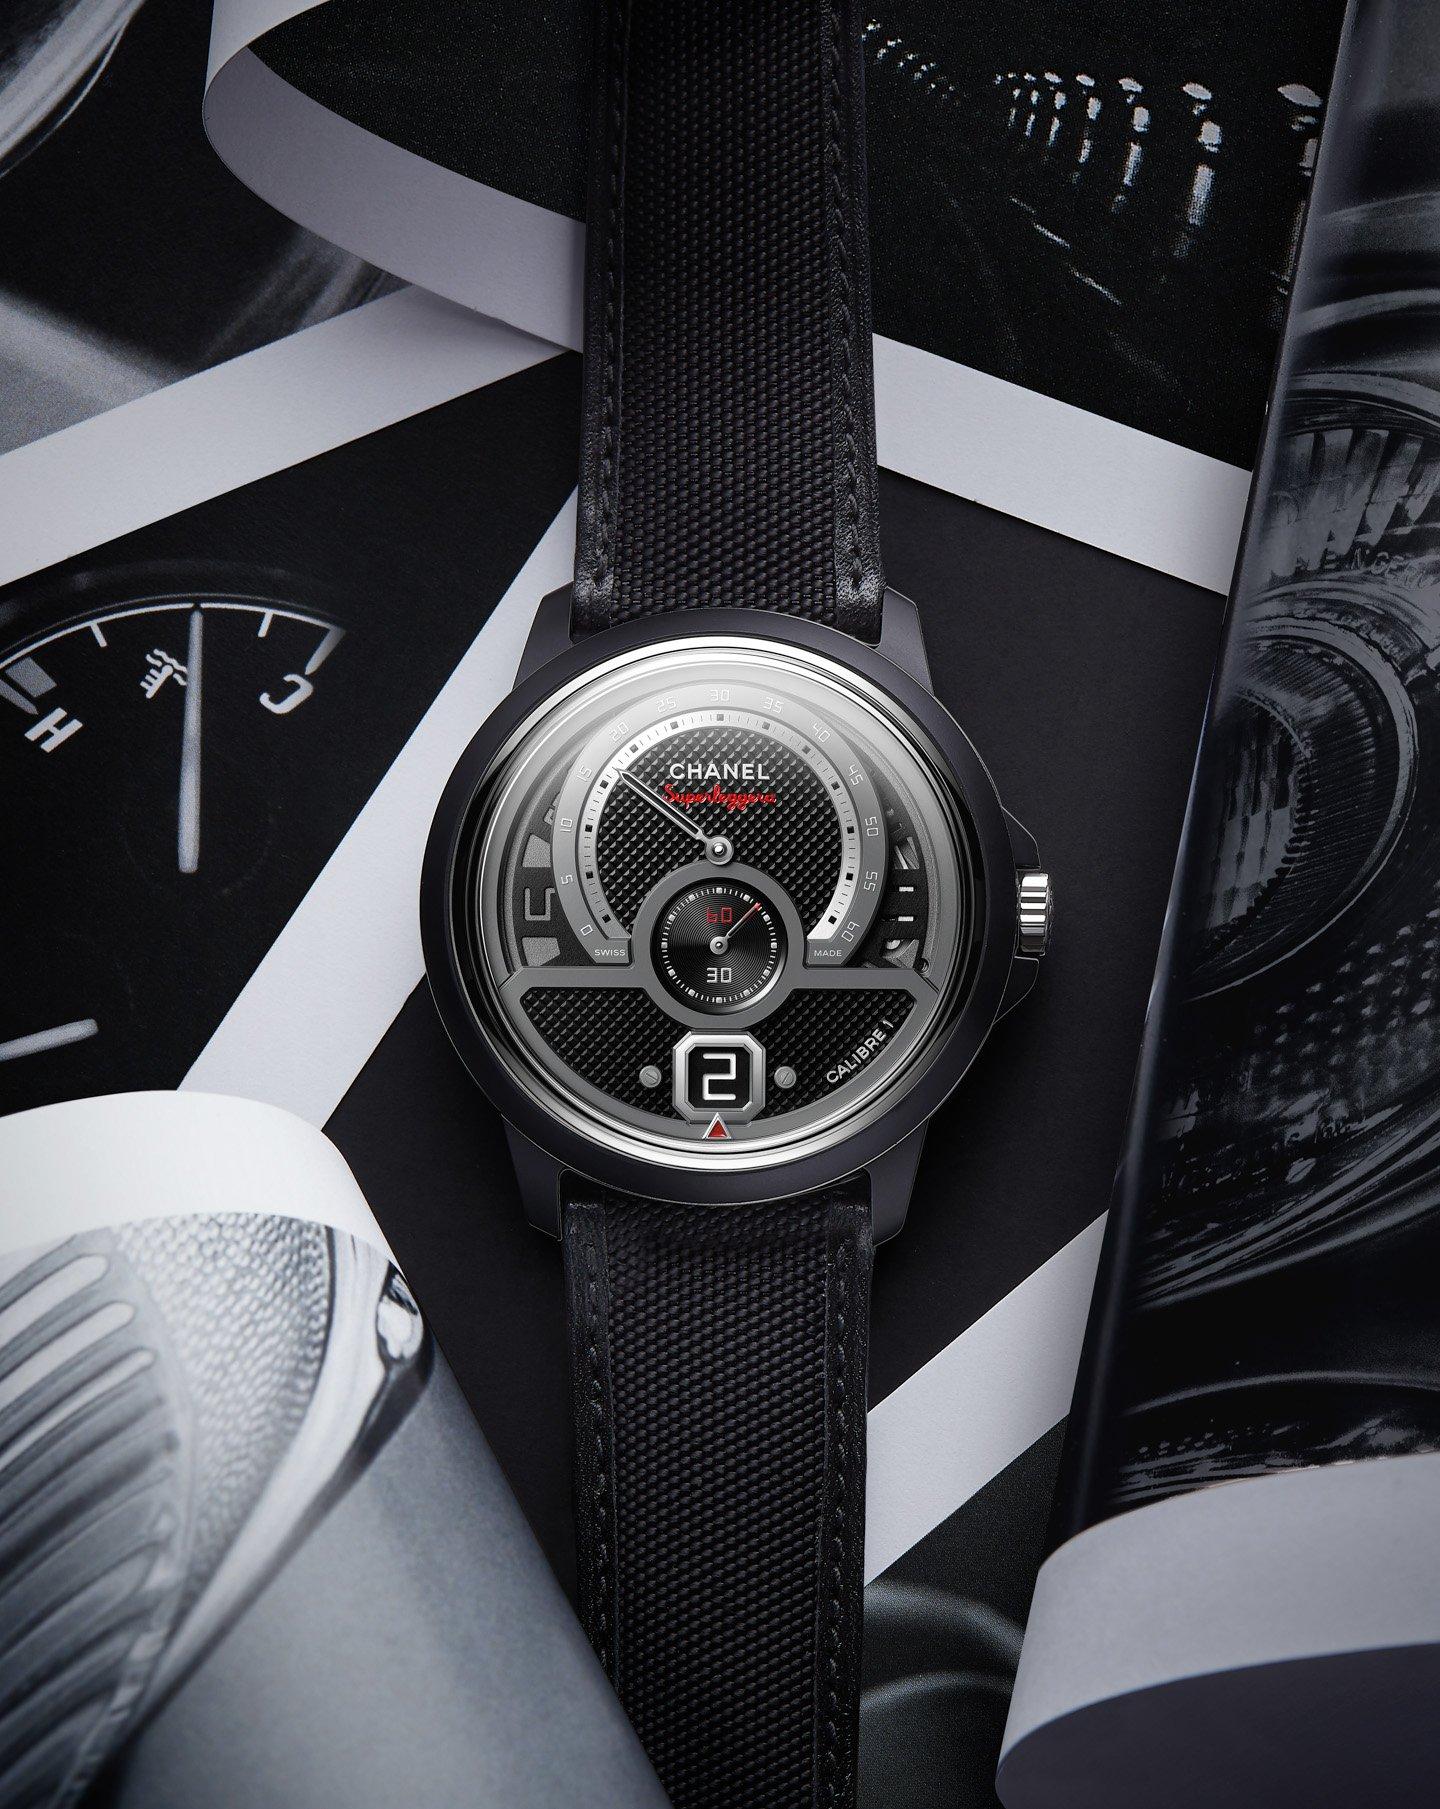 Часы Chanel Monsieur Superleggera Edition - автомобильный спорт встречает парижскую изысканность